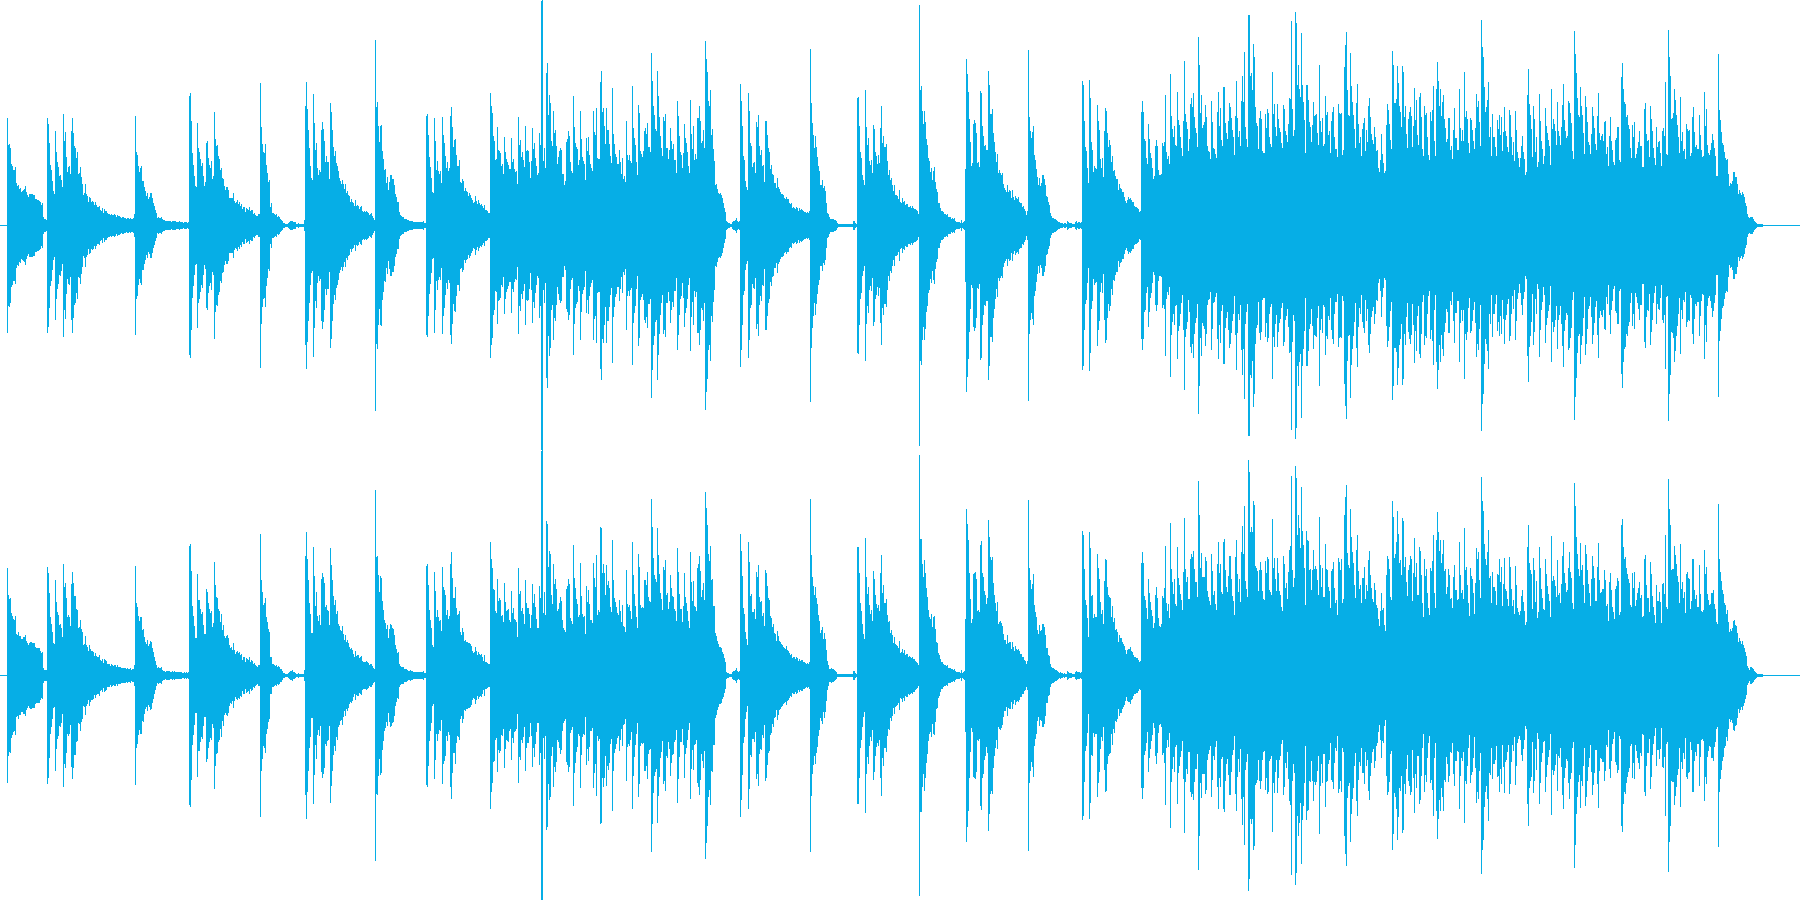 アコースティックギター不協和音 前衛演奏の再生済みの波形